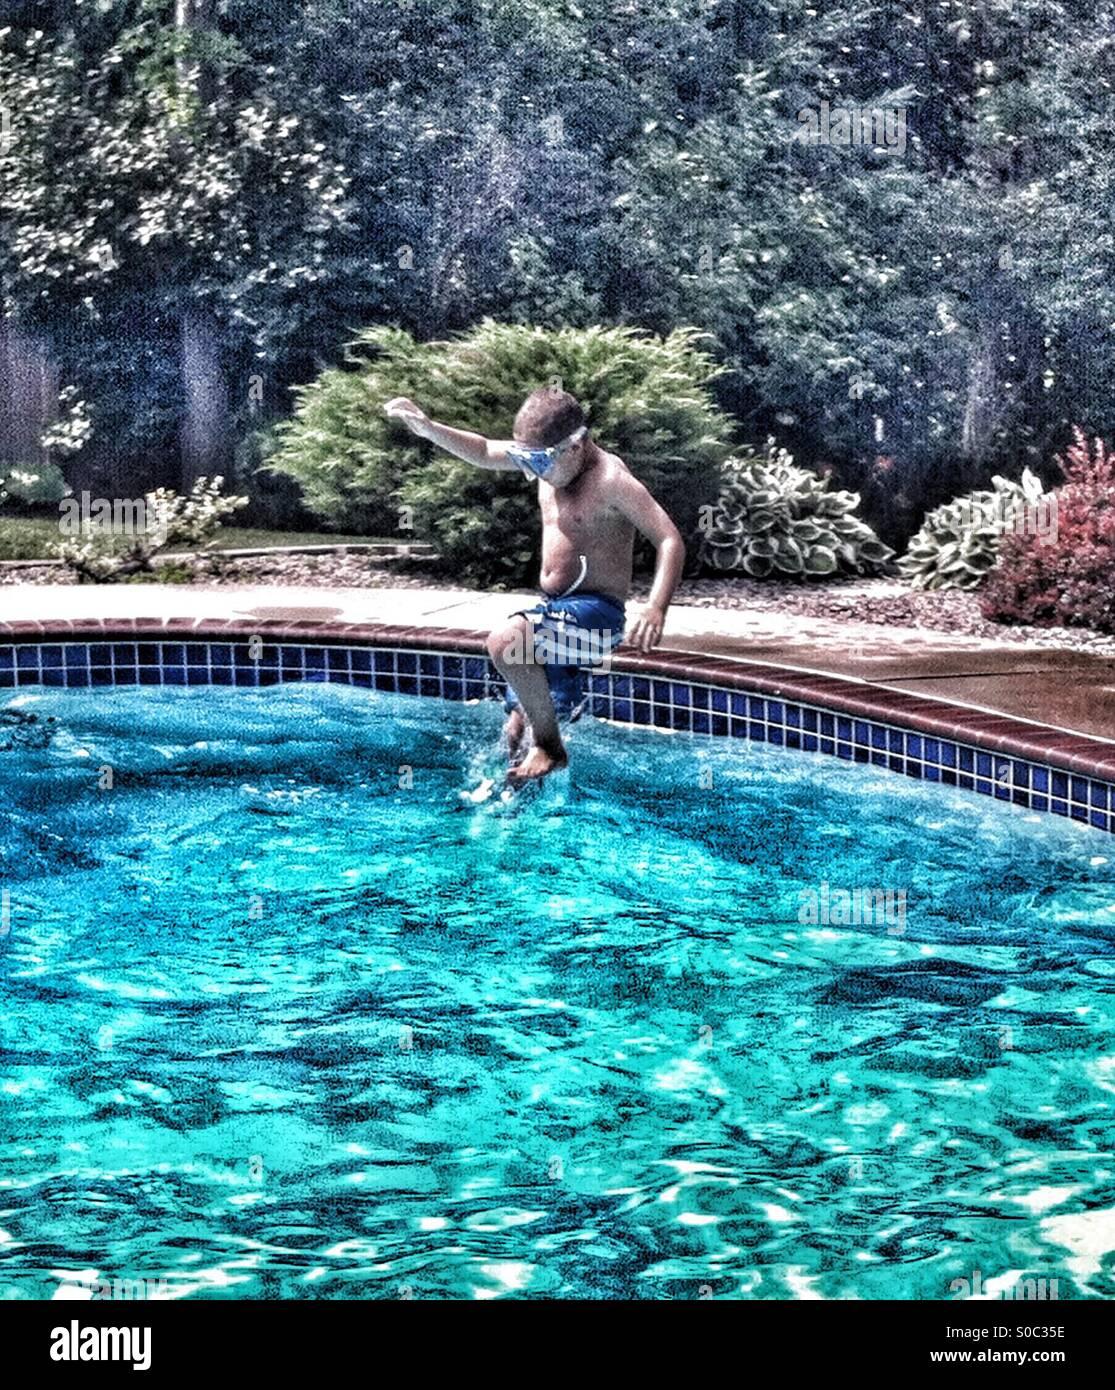 Ragazzo prende palla di cannone salto in piscina Immagini Stock